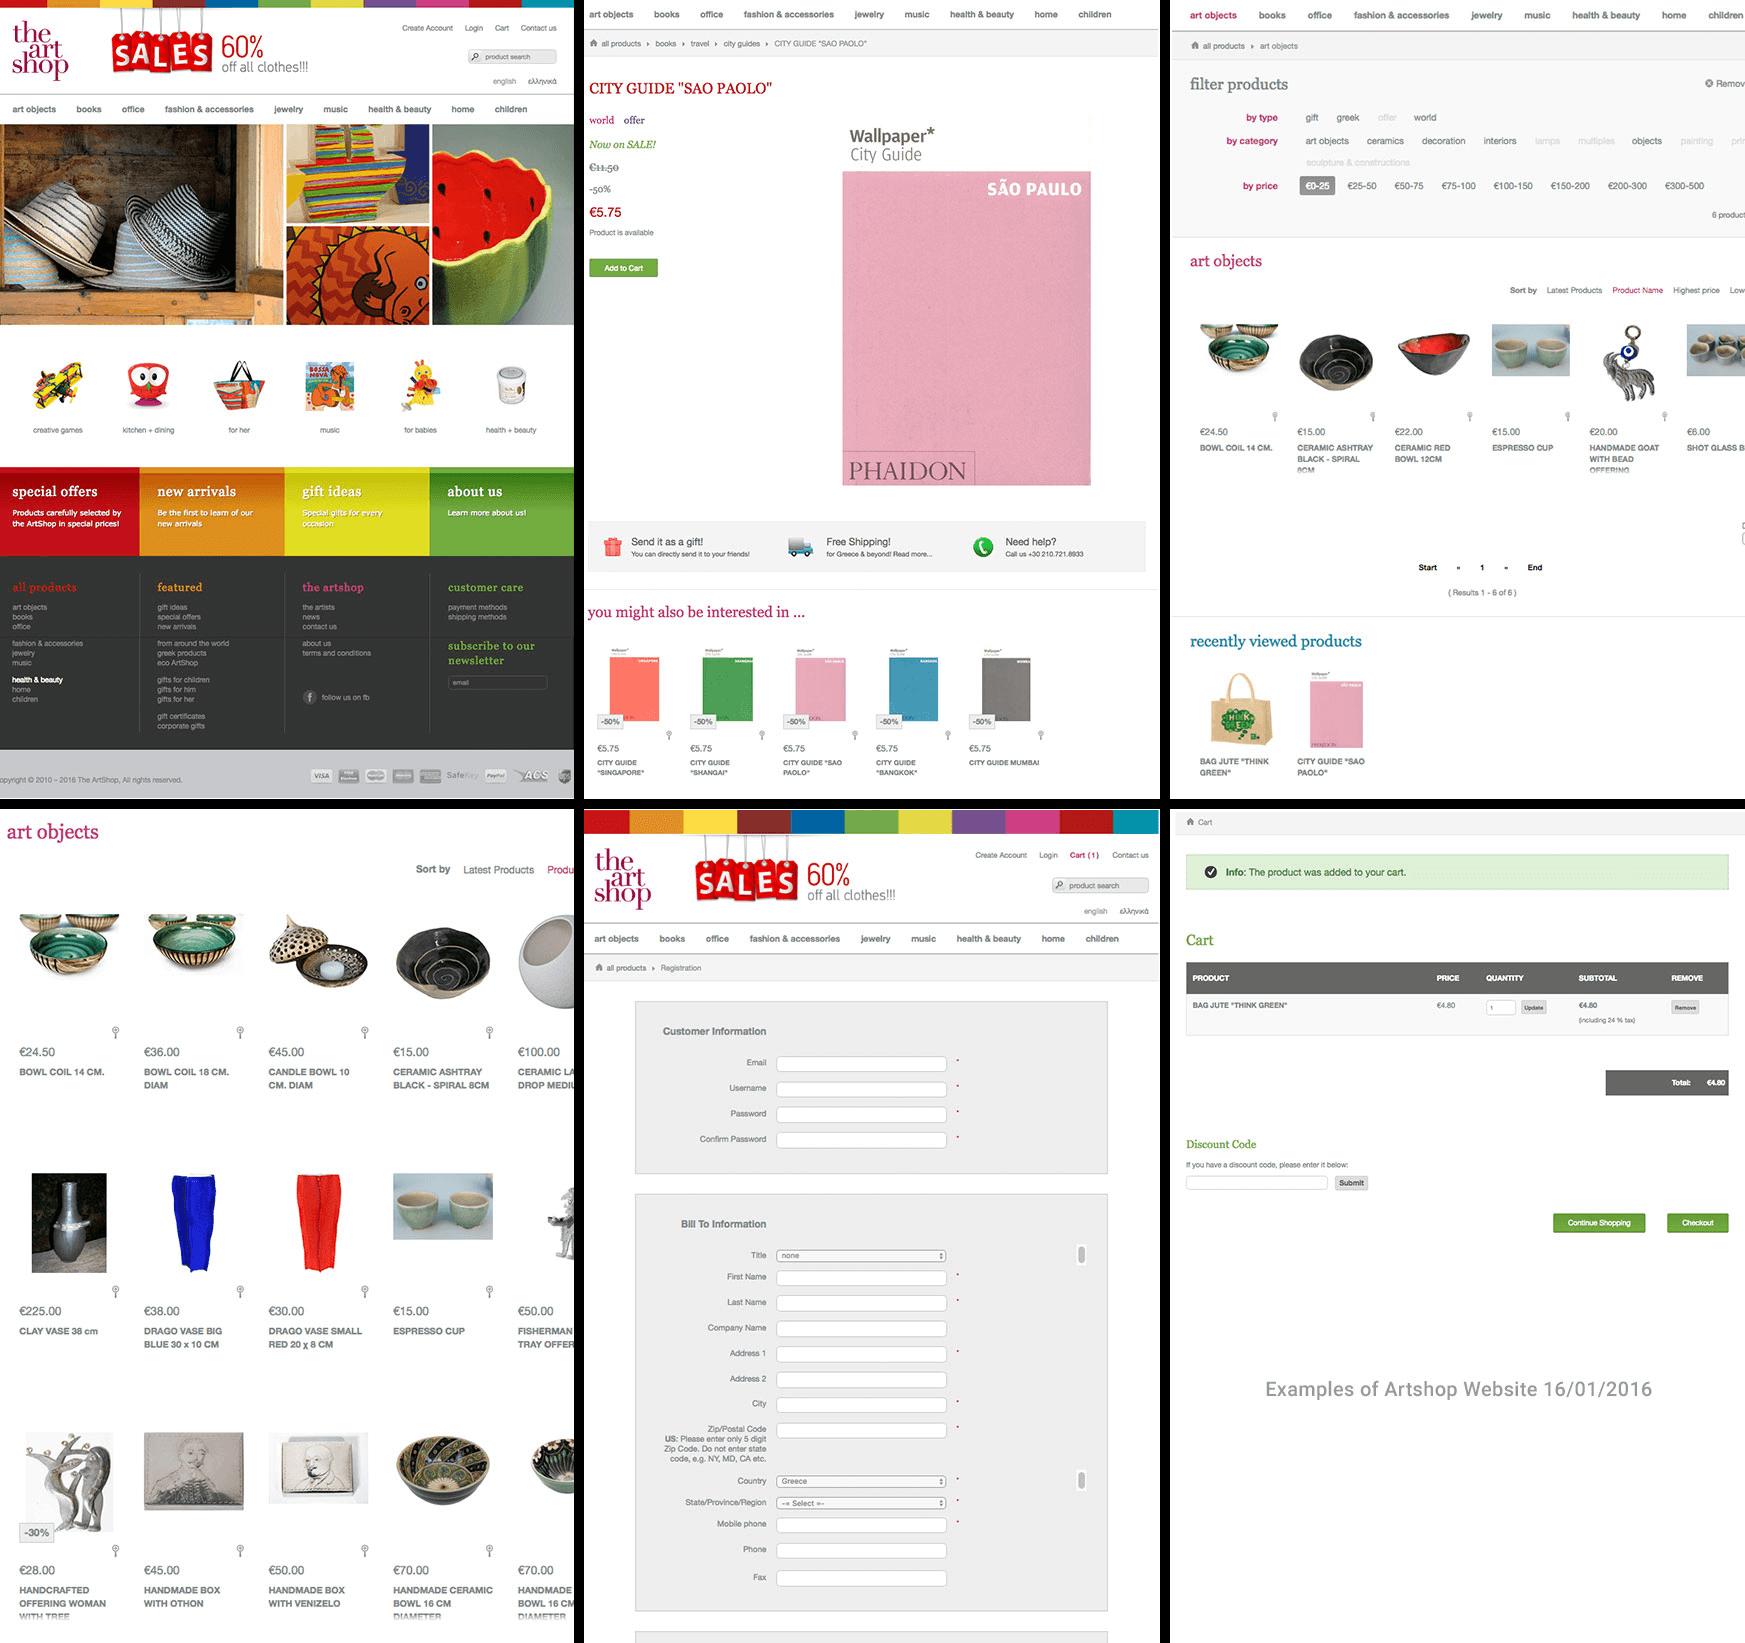 artshop-website-example